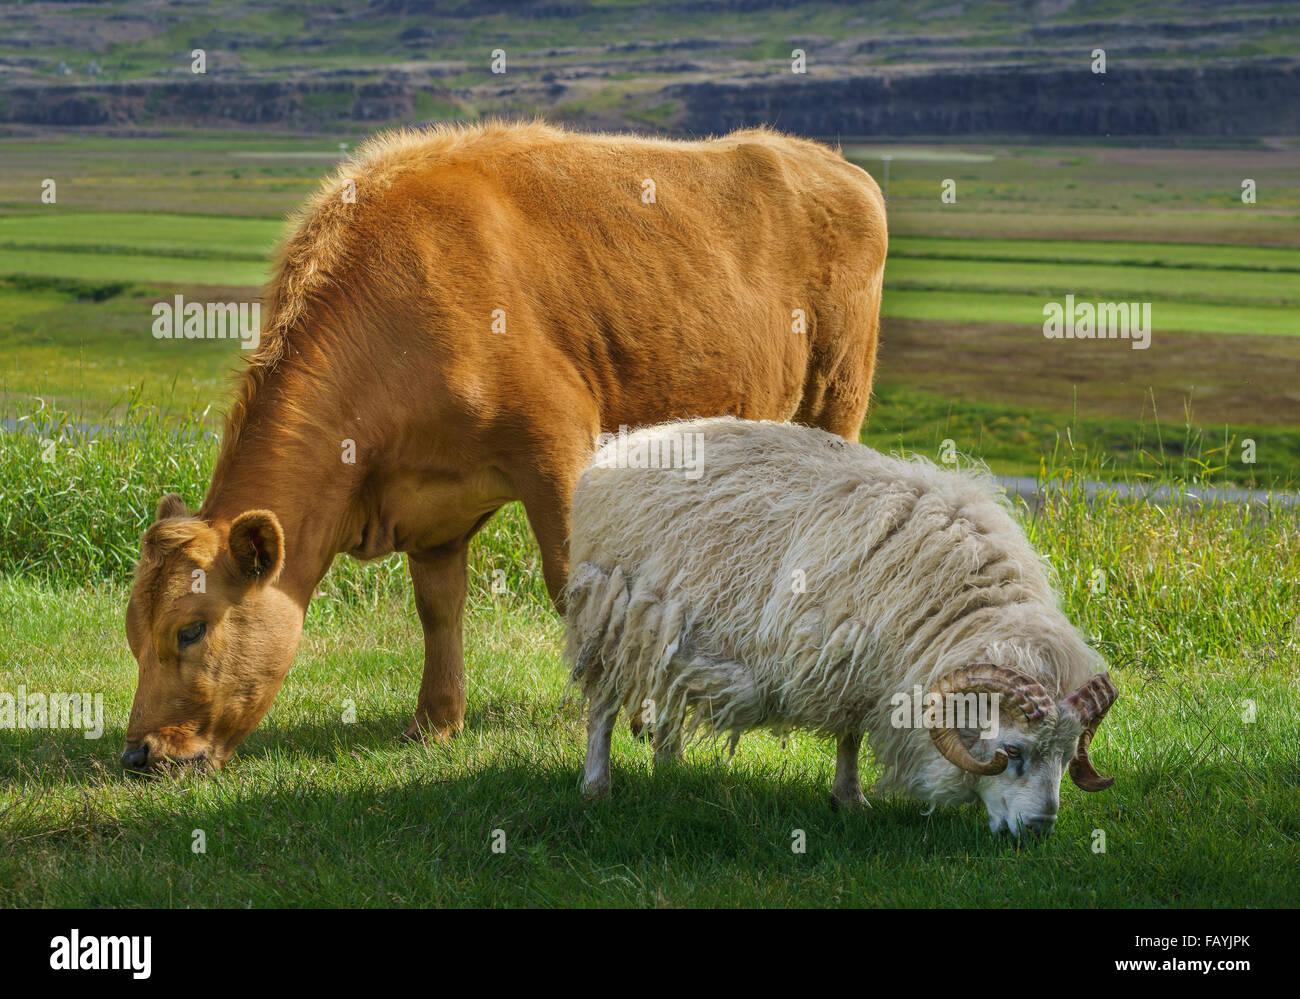 Giovane vacca e pecora sono libere di spostarsi e di pascolare su erba, hraunsnef farm, nordurardalur valley, Islanda Immagini Stock